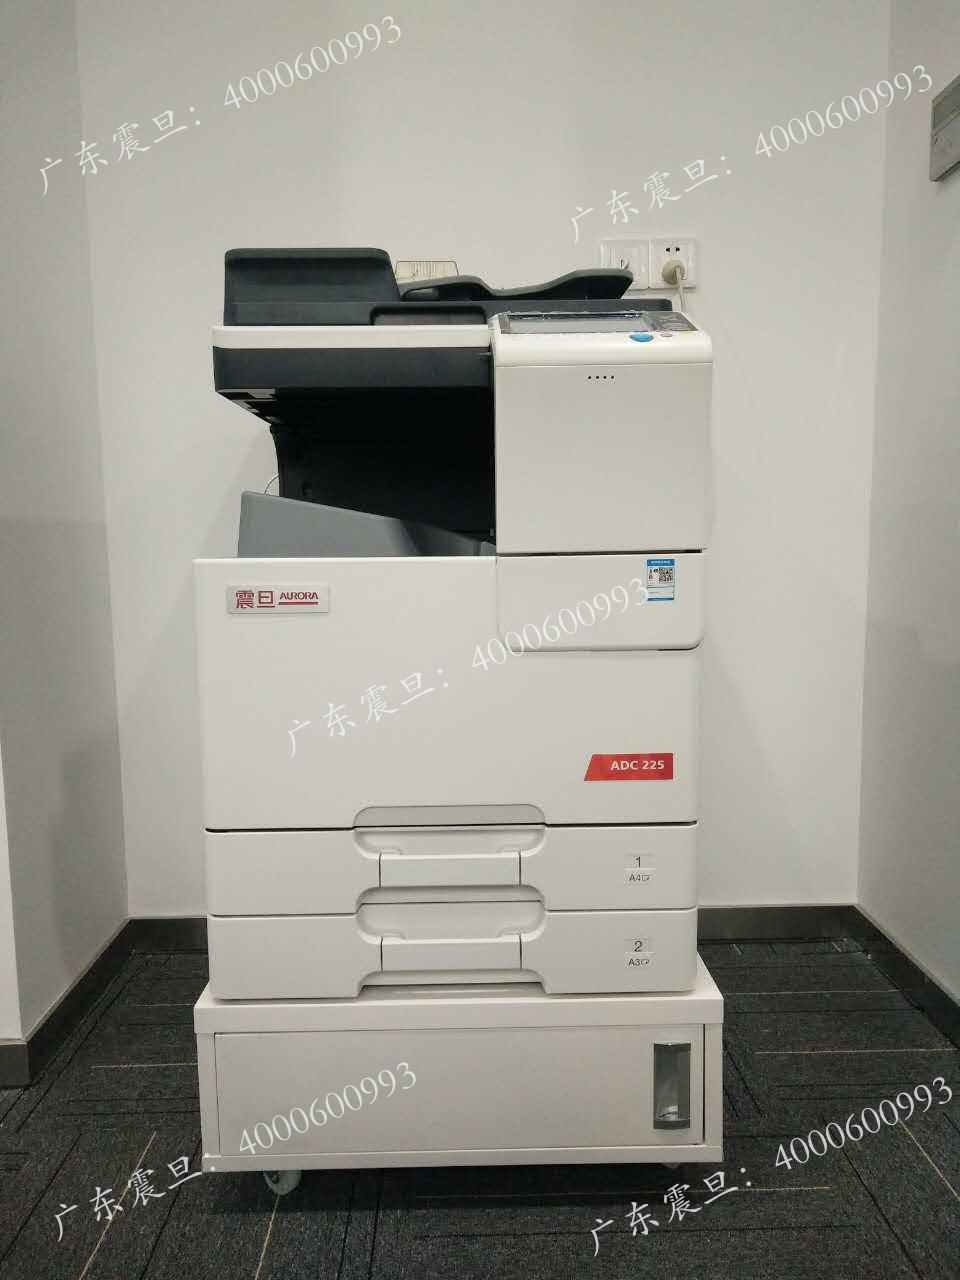 珠江新城某金融公司使用的龙虎国际ADC225复印机